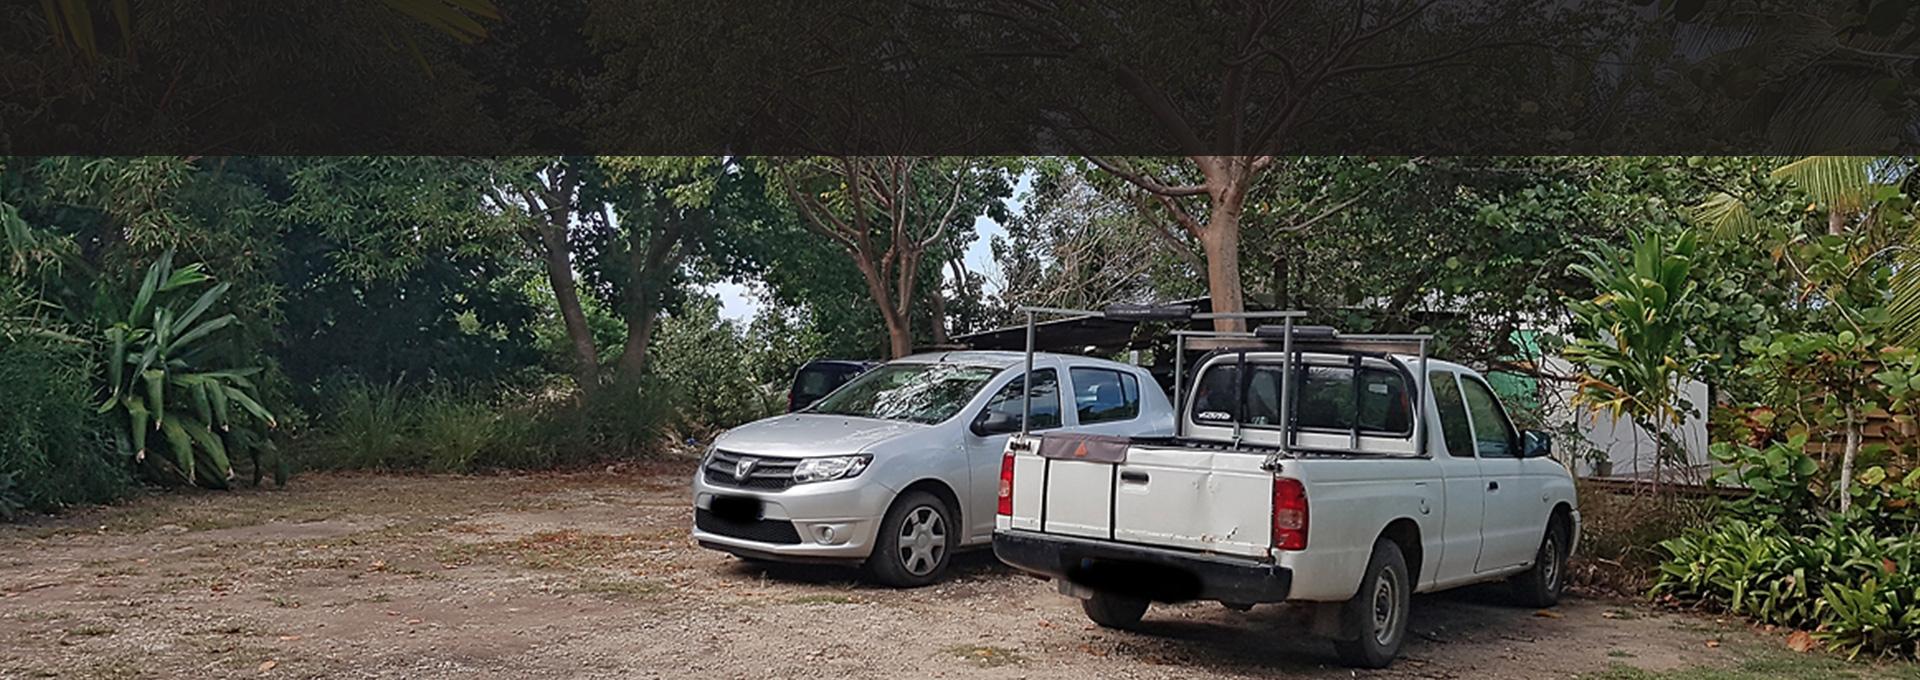 location véhicule au cameroun